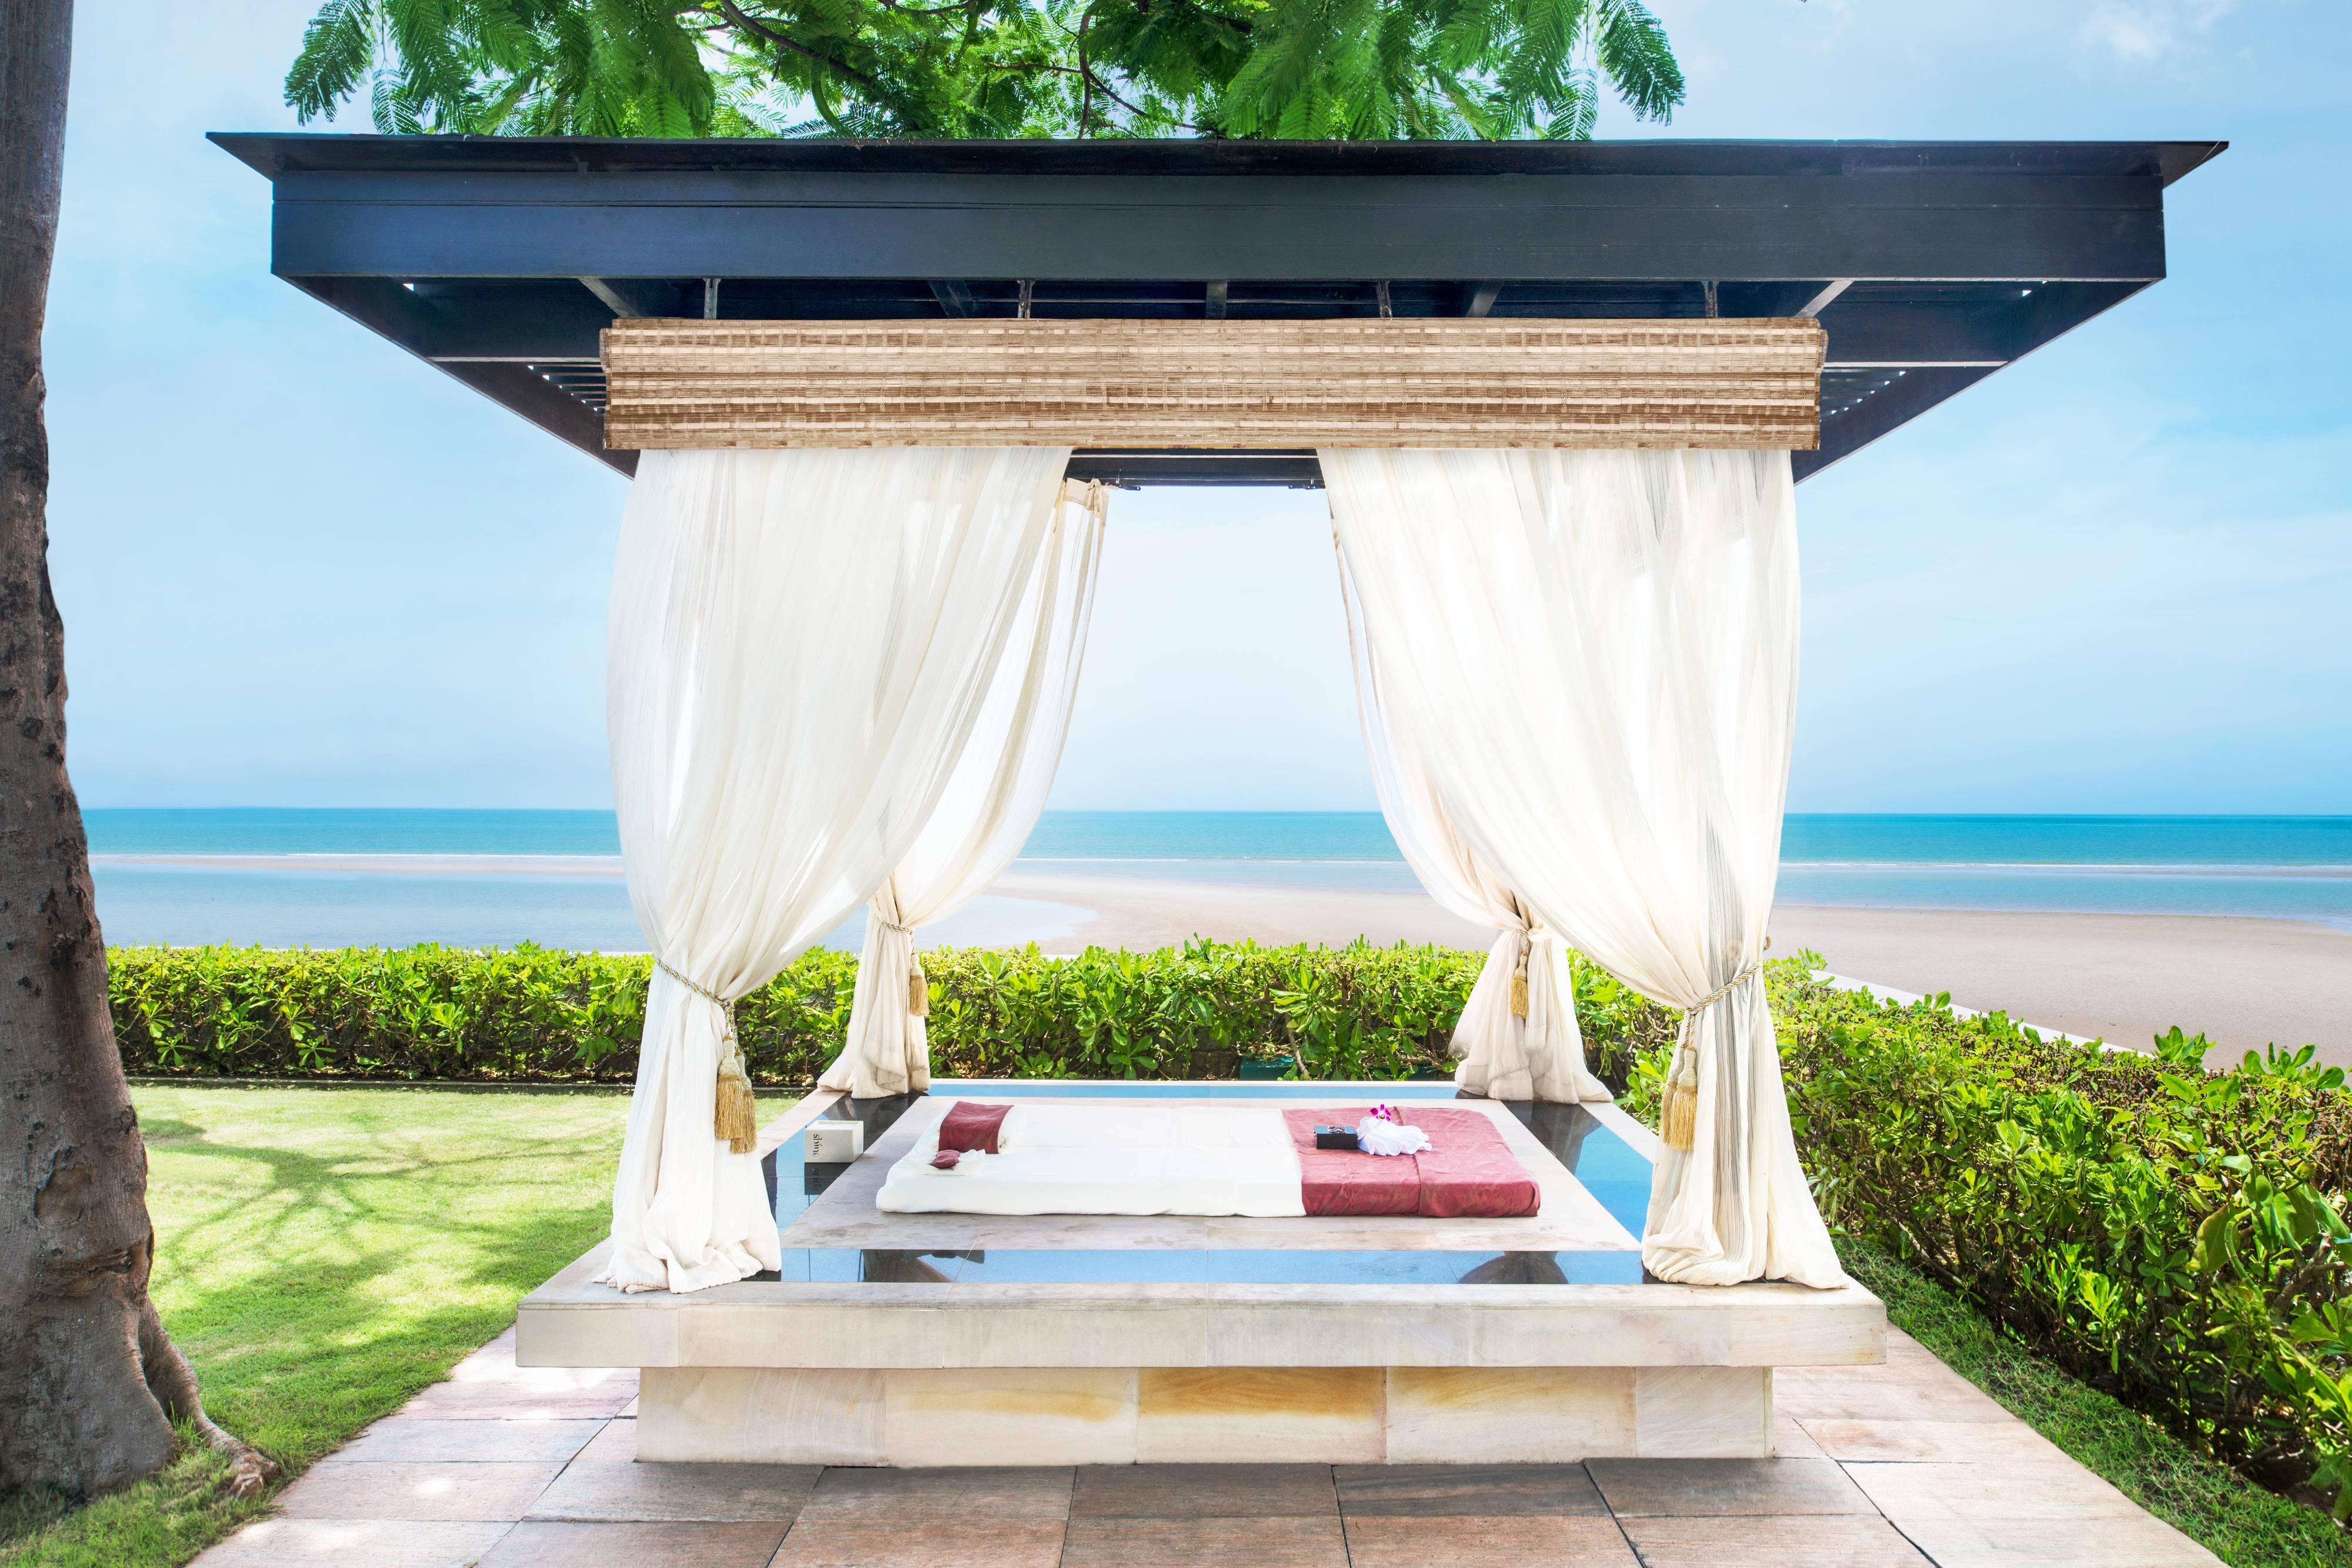 Massage dans un pavillon thaï au bord de la mer